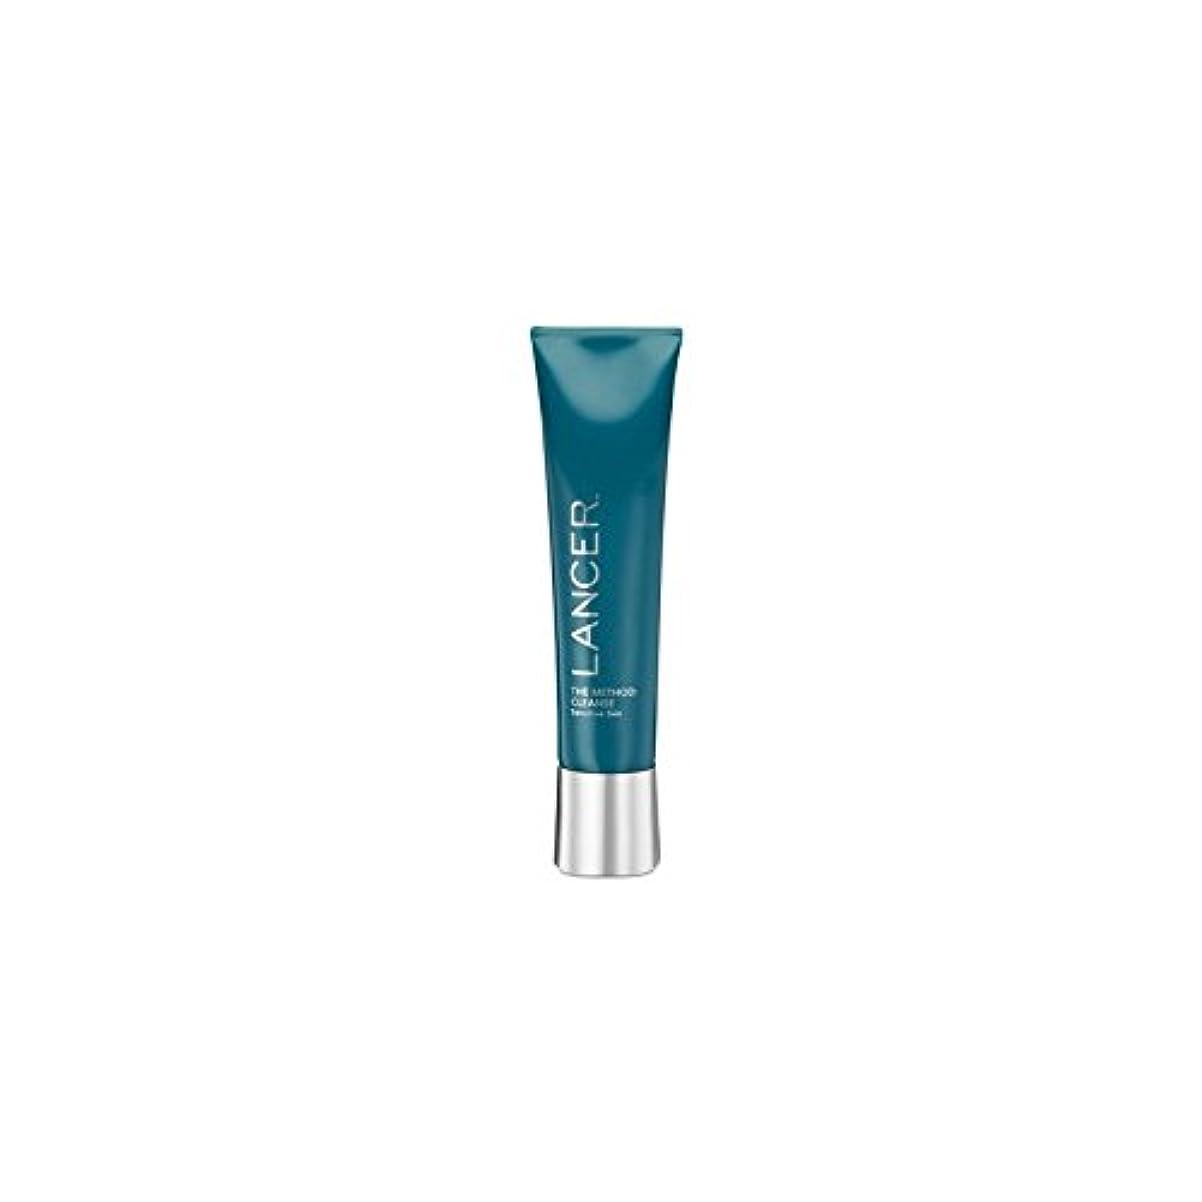 オリエント付ける闘争Lancer Skincare The Method: Cleanser Sensitive Skin (120ml) (Pack of 6) - クレンザー敏感肌(120ミリリットル):ランサーは、メソッドをスキンケア...